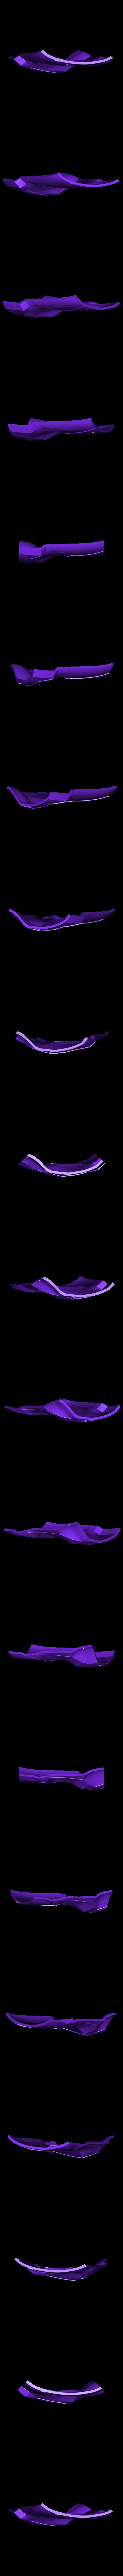 Part 10 v3.stl Download STL file Red Hood Helmet Injustice 2 • Model to 3D print, VillainousPropShop